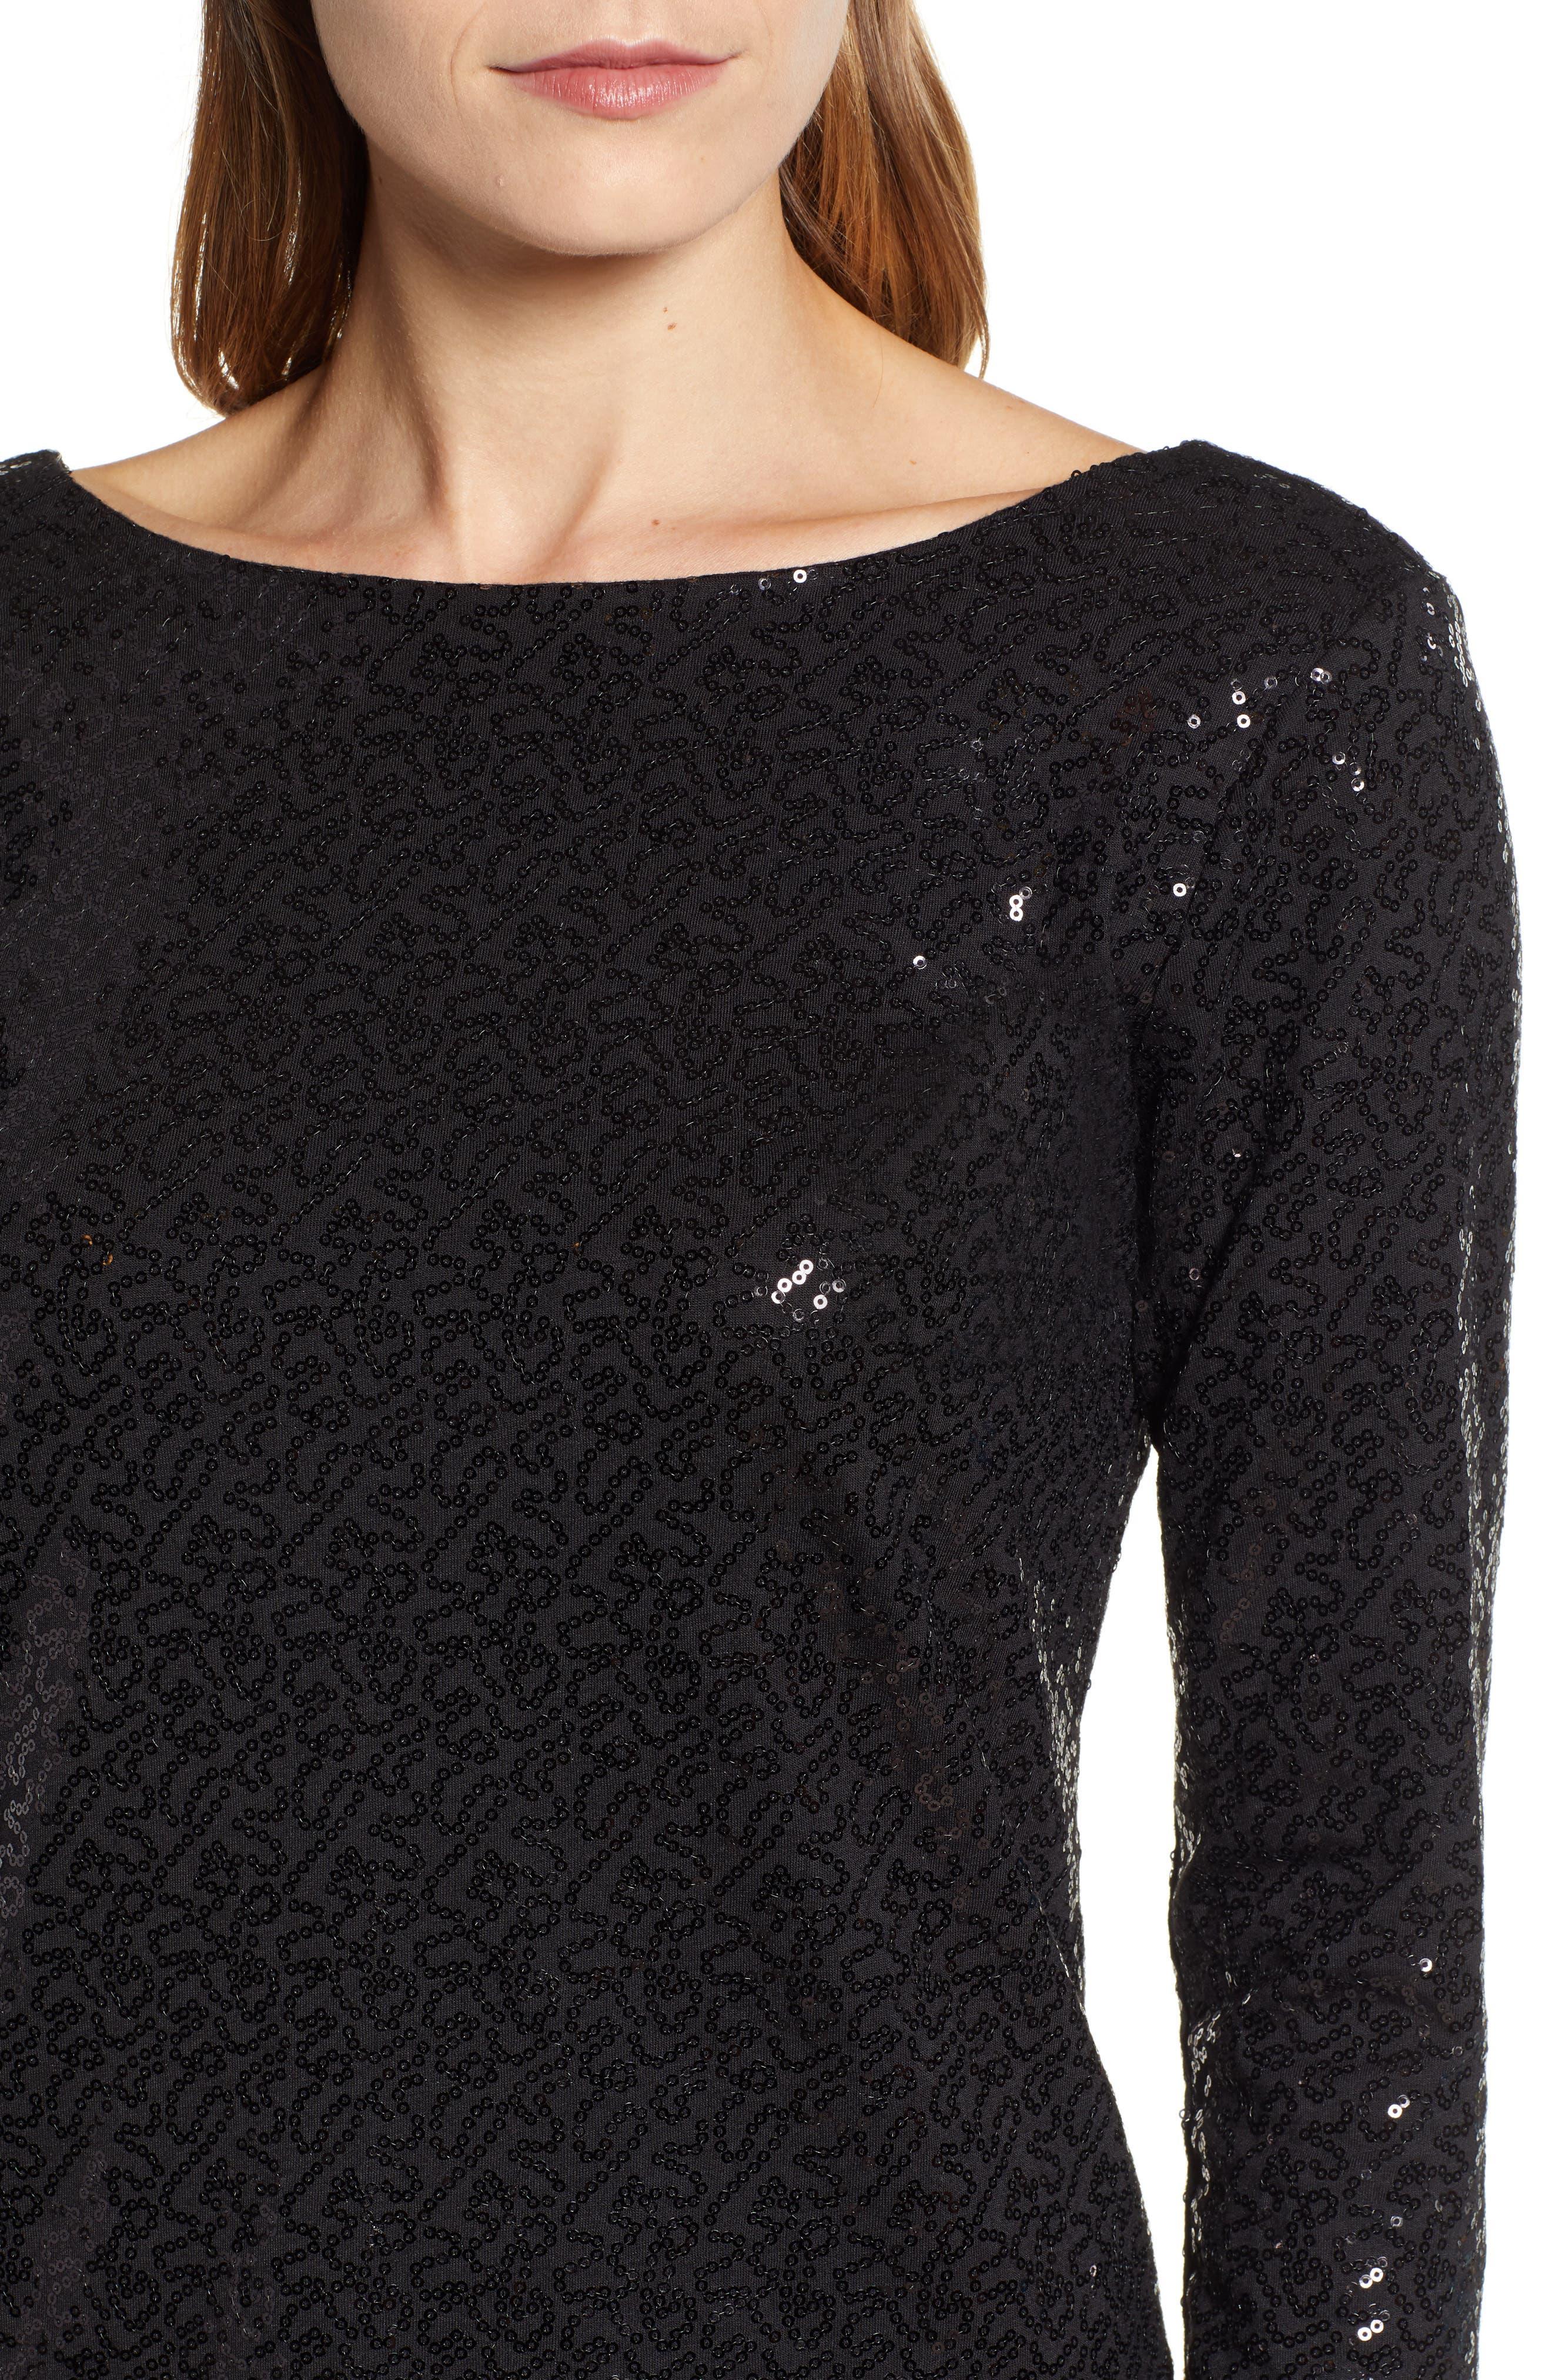 x Glam Squad Megan Sequin Embellished Scoop Back Top,                             Alternate thumbnail 5, color,                             BLACK